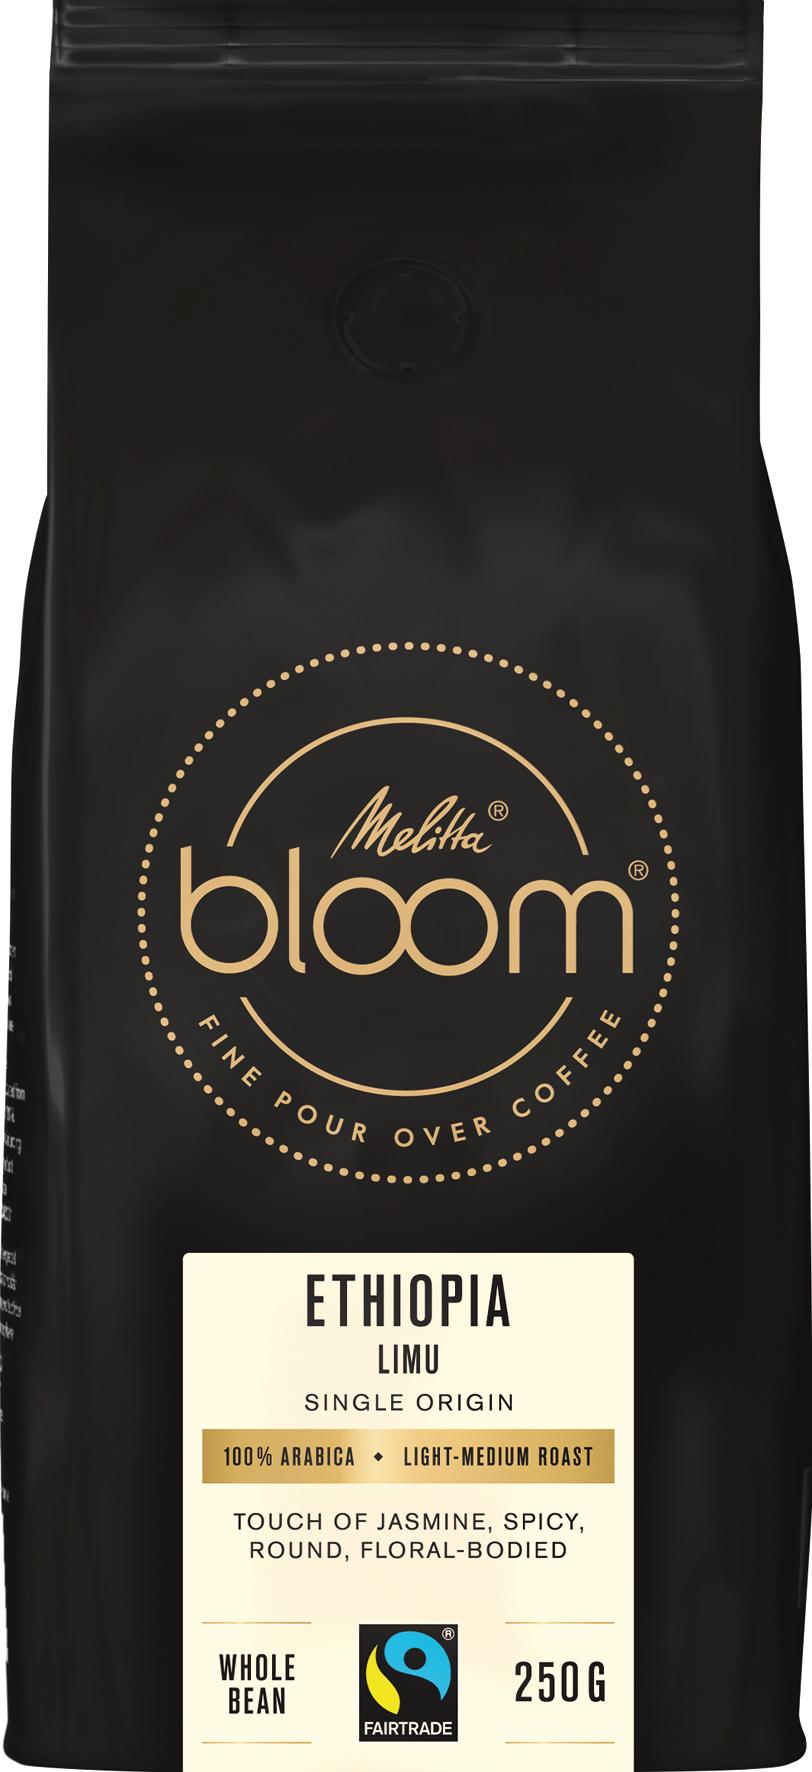 Melitta Bloom Ethiopia Limu 250g